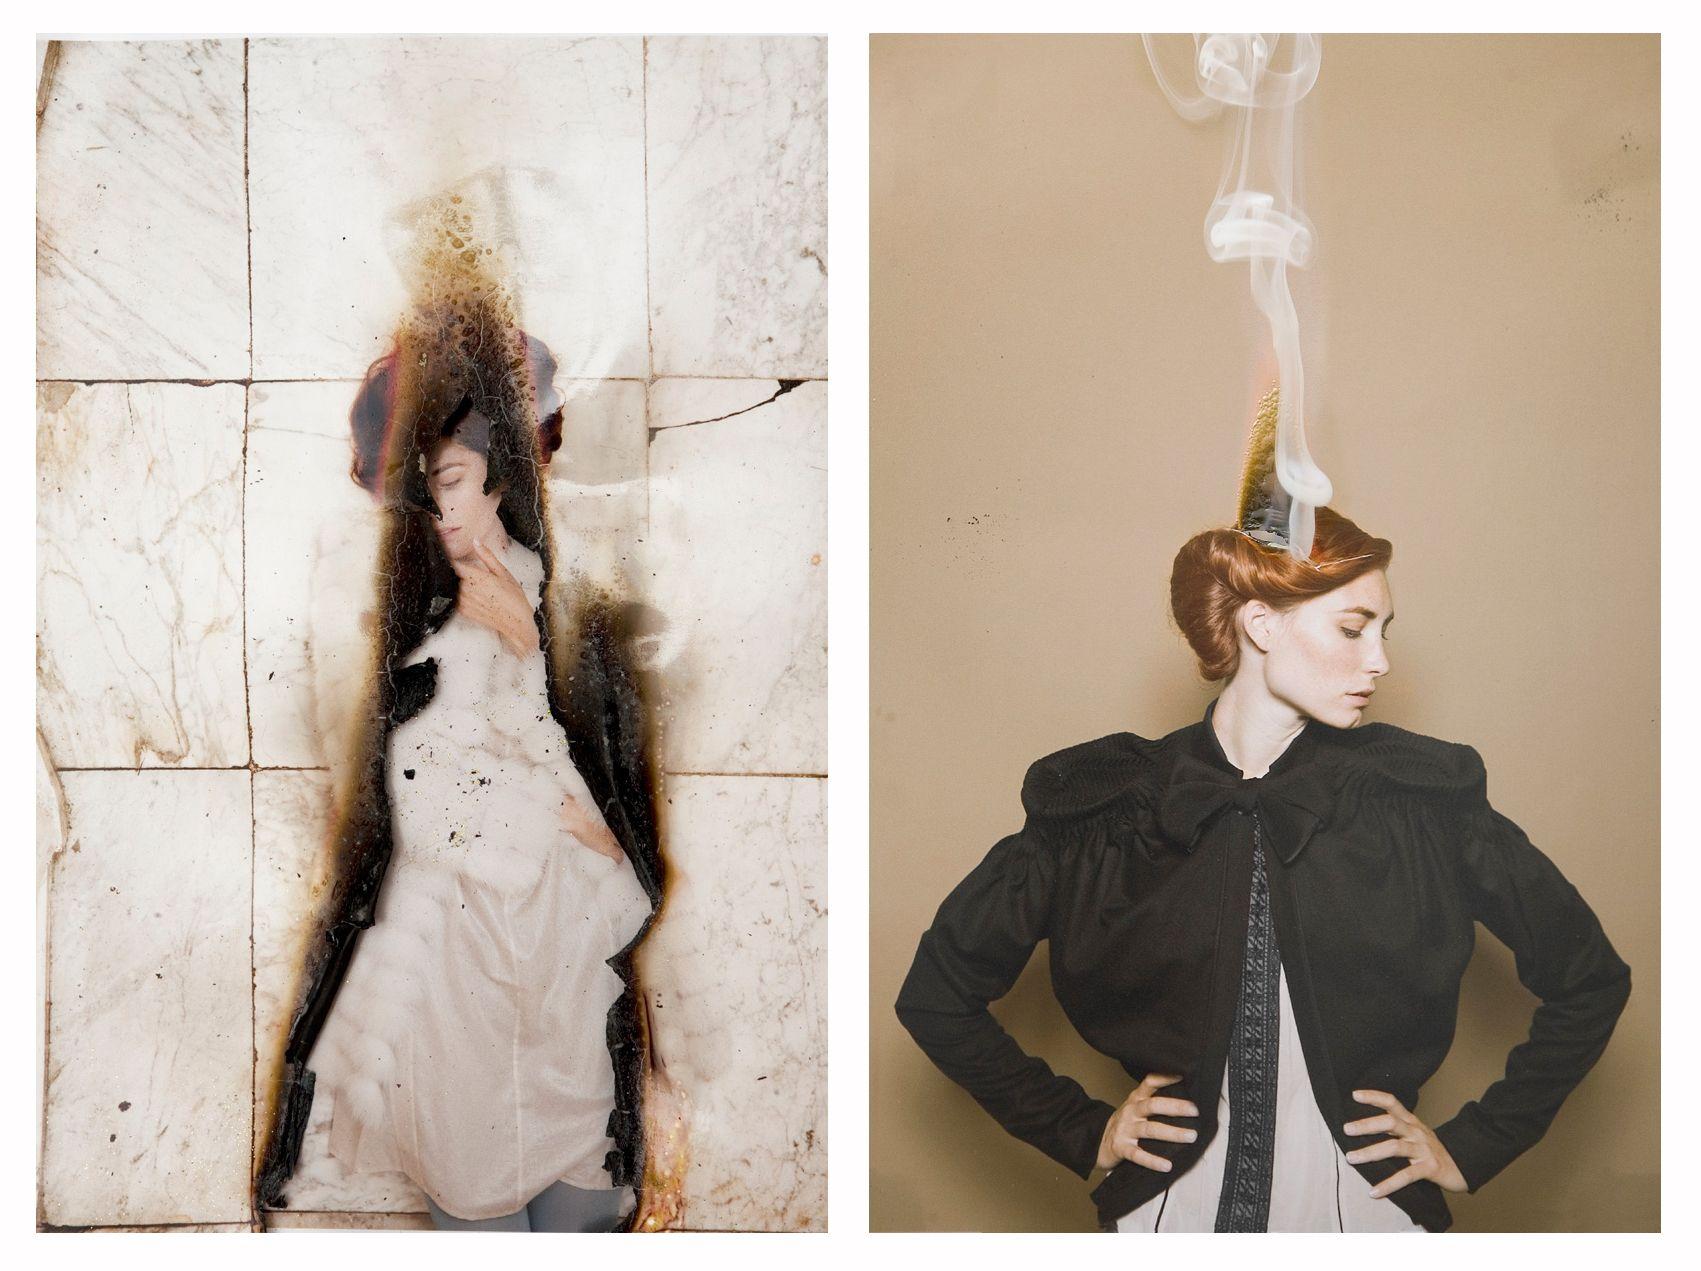 New Dutch Photography Talent: Aisha Zeijpveld